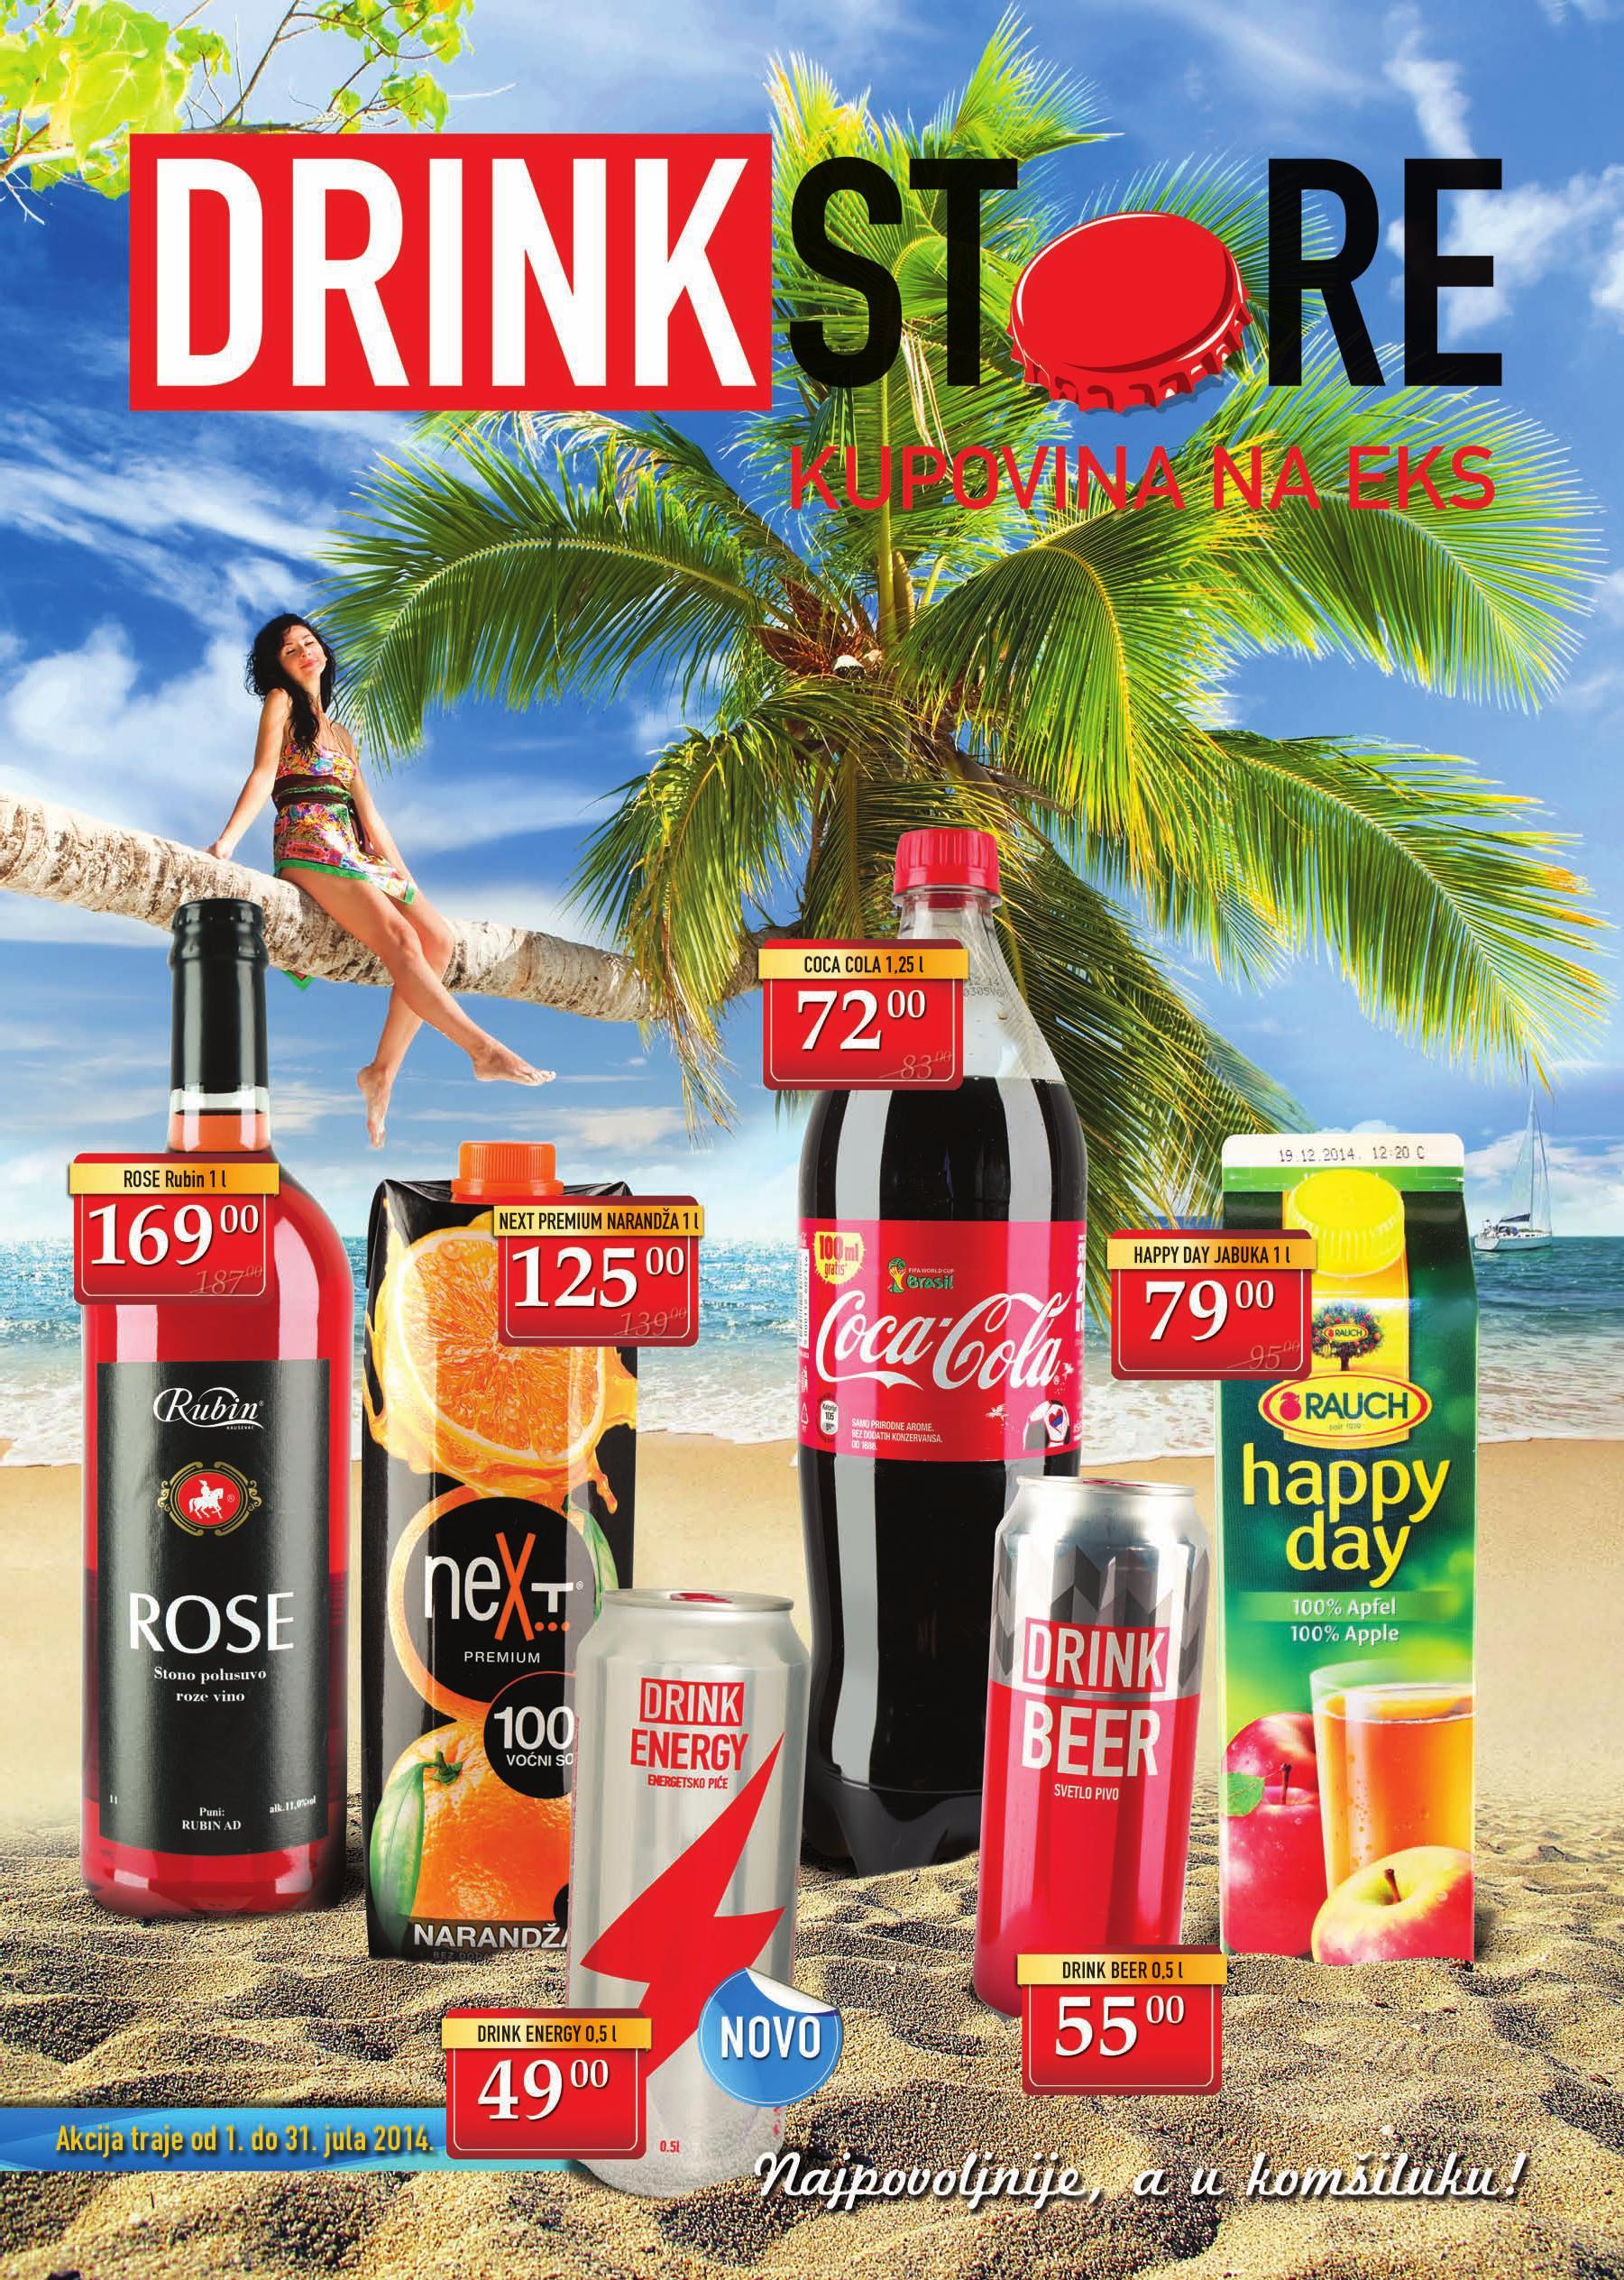 Drink Store akcija letnjih cena